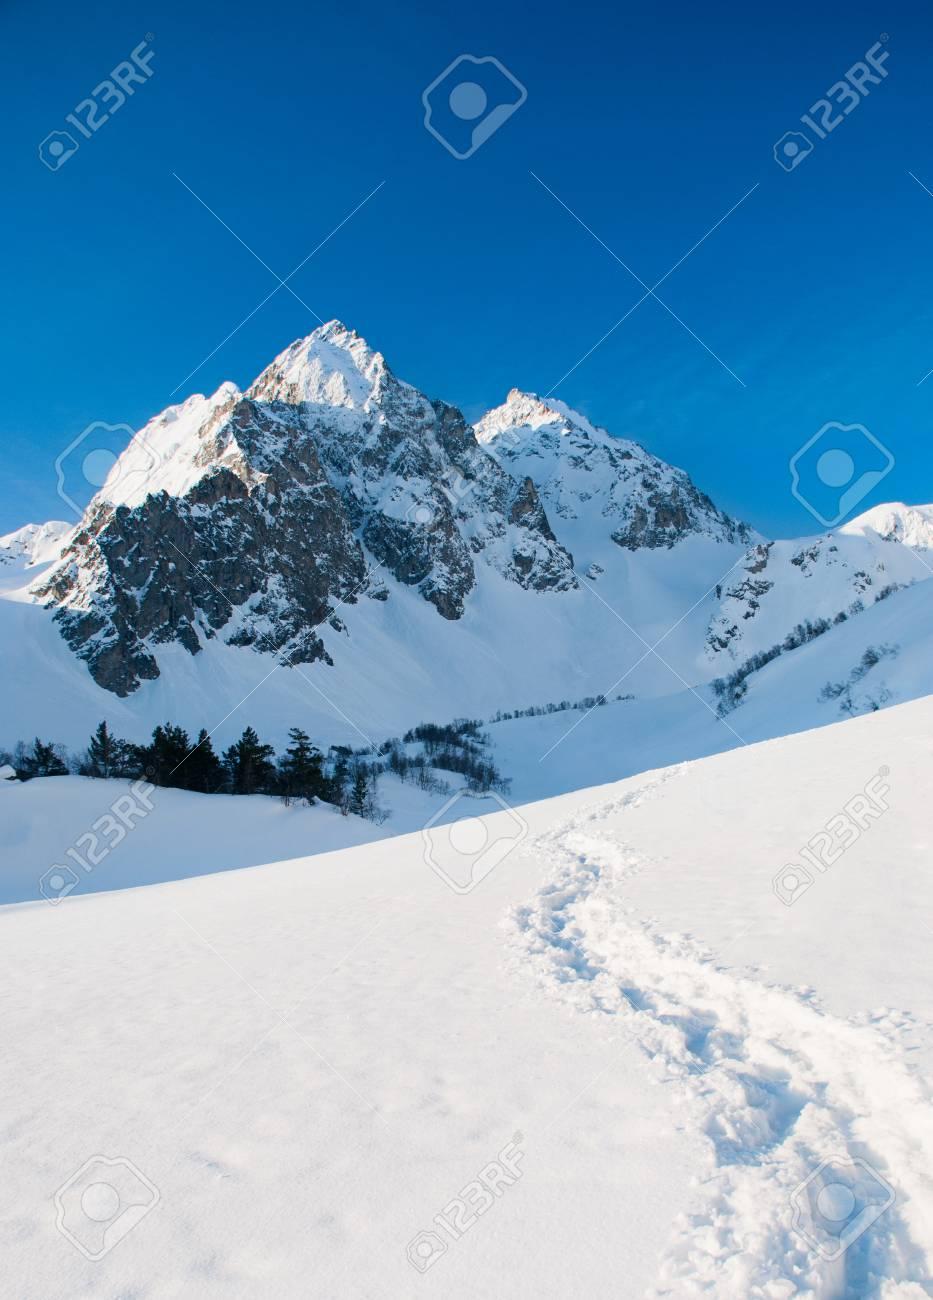 La Plus Haute Montagne Du Monde : haute, montagne, monde, Sommet, Montagne, Everest., Haute, Monde., National,, Népal., Banque, D'Images, Photos, Libres, Droits., Image, 89337122.